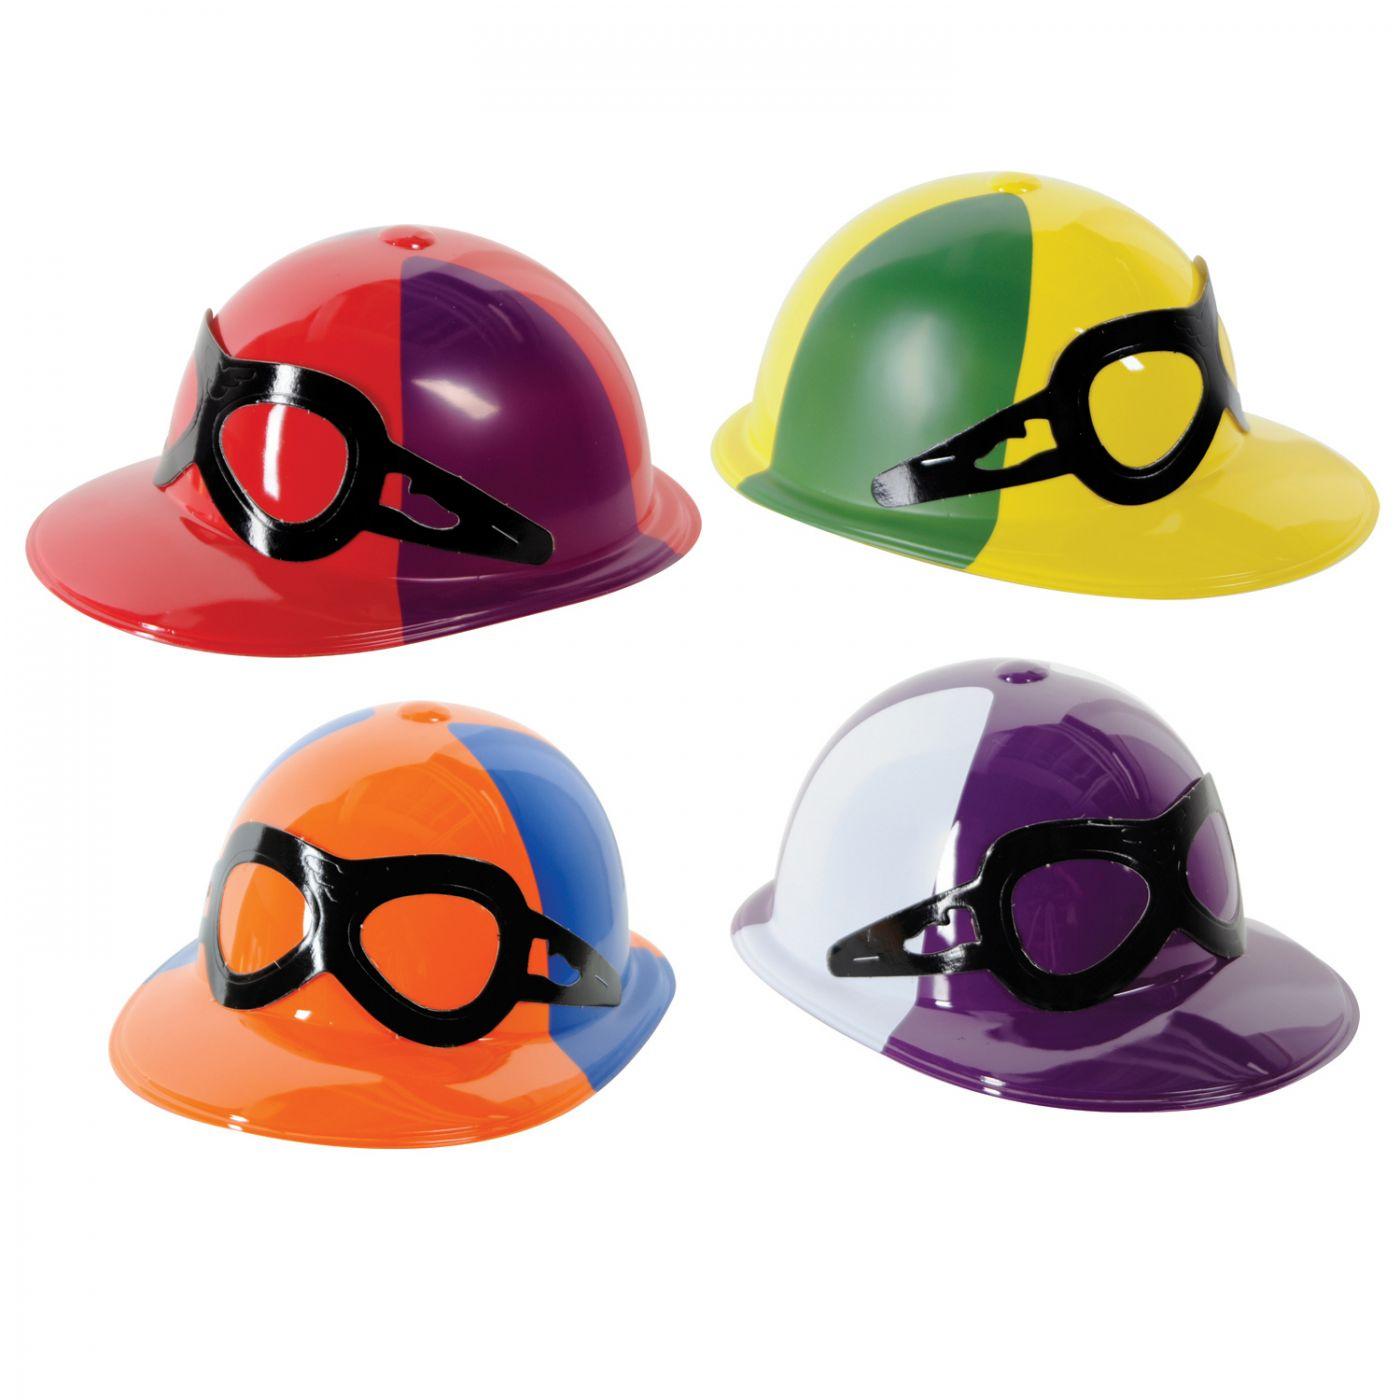 Plastic Jockey Helmets (48) image